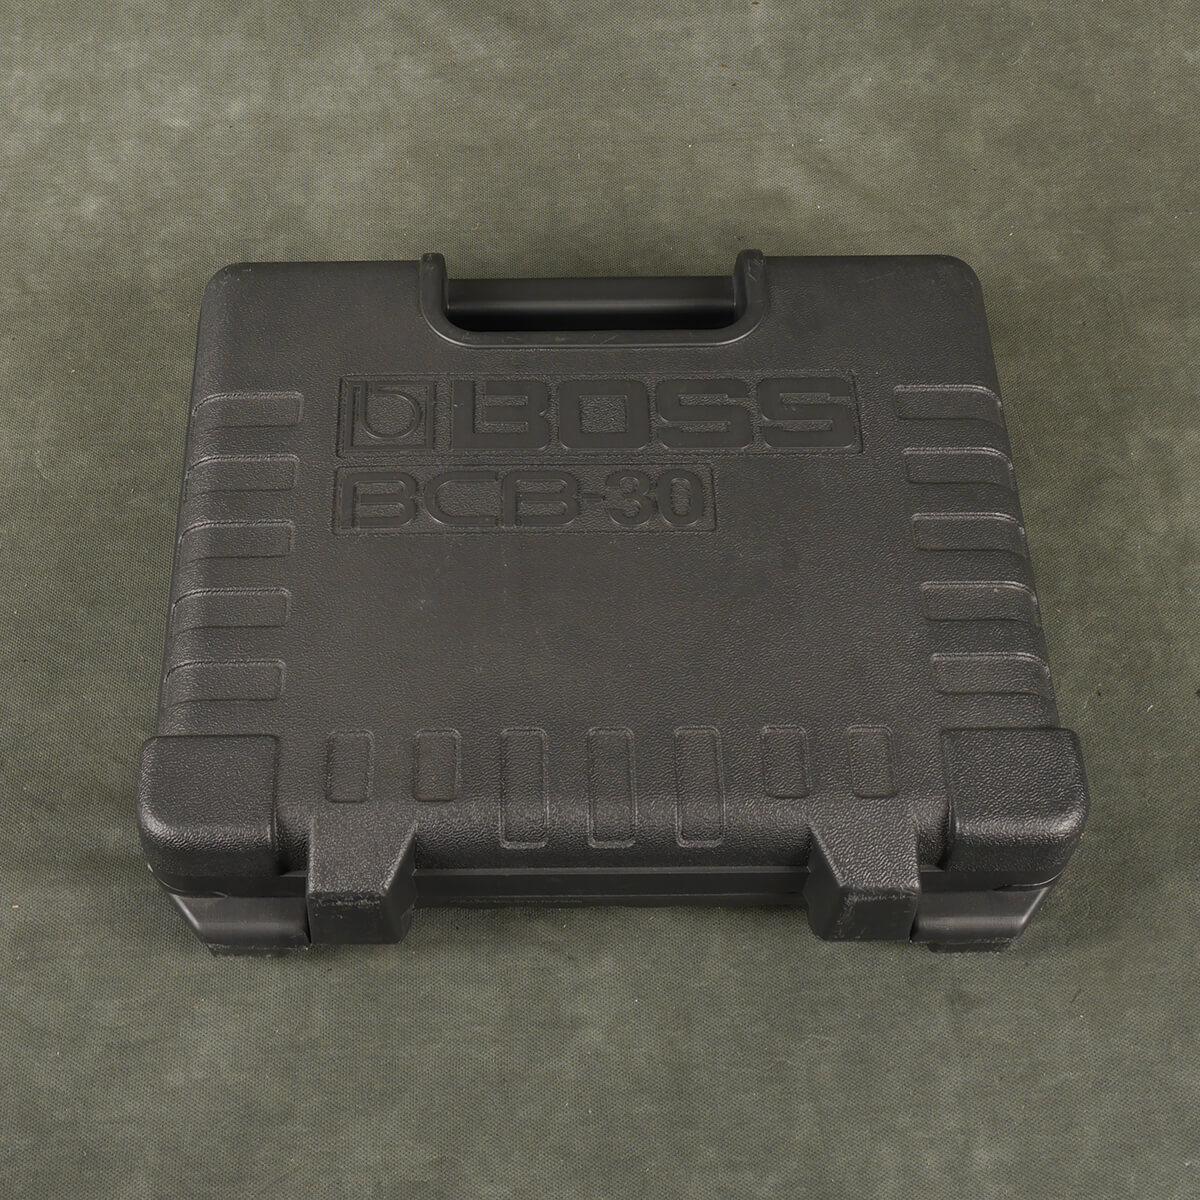 Boss BCB-30 Pedalboard - 2nd Hand